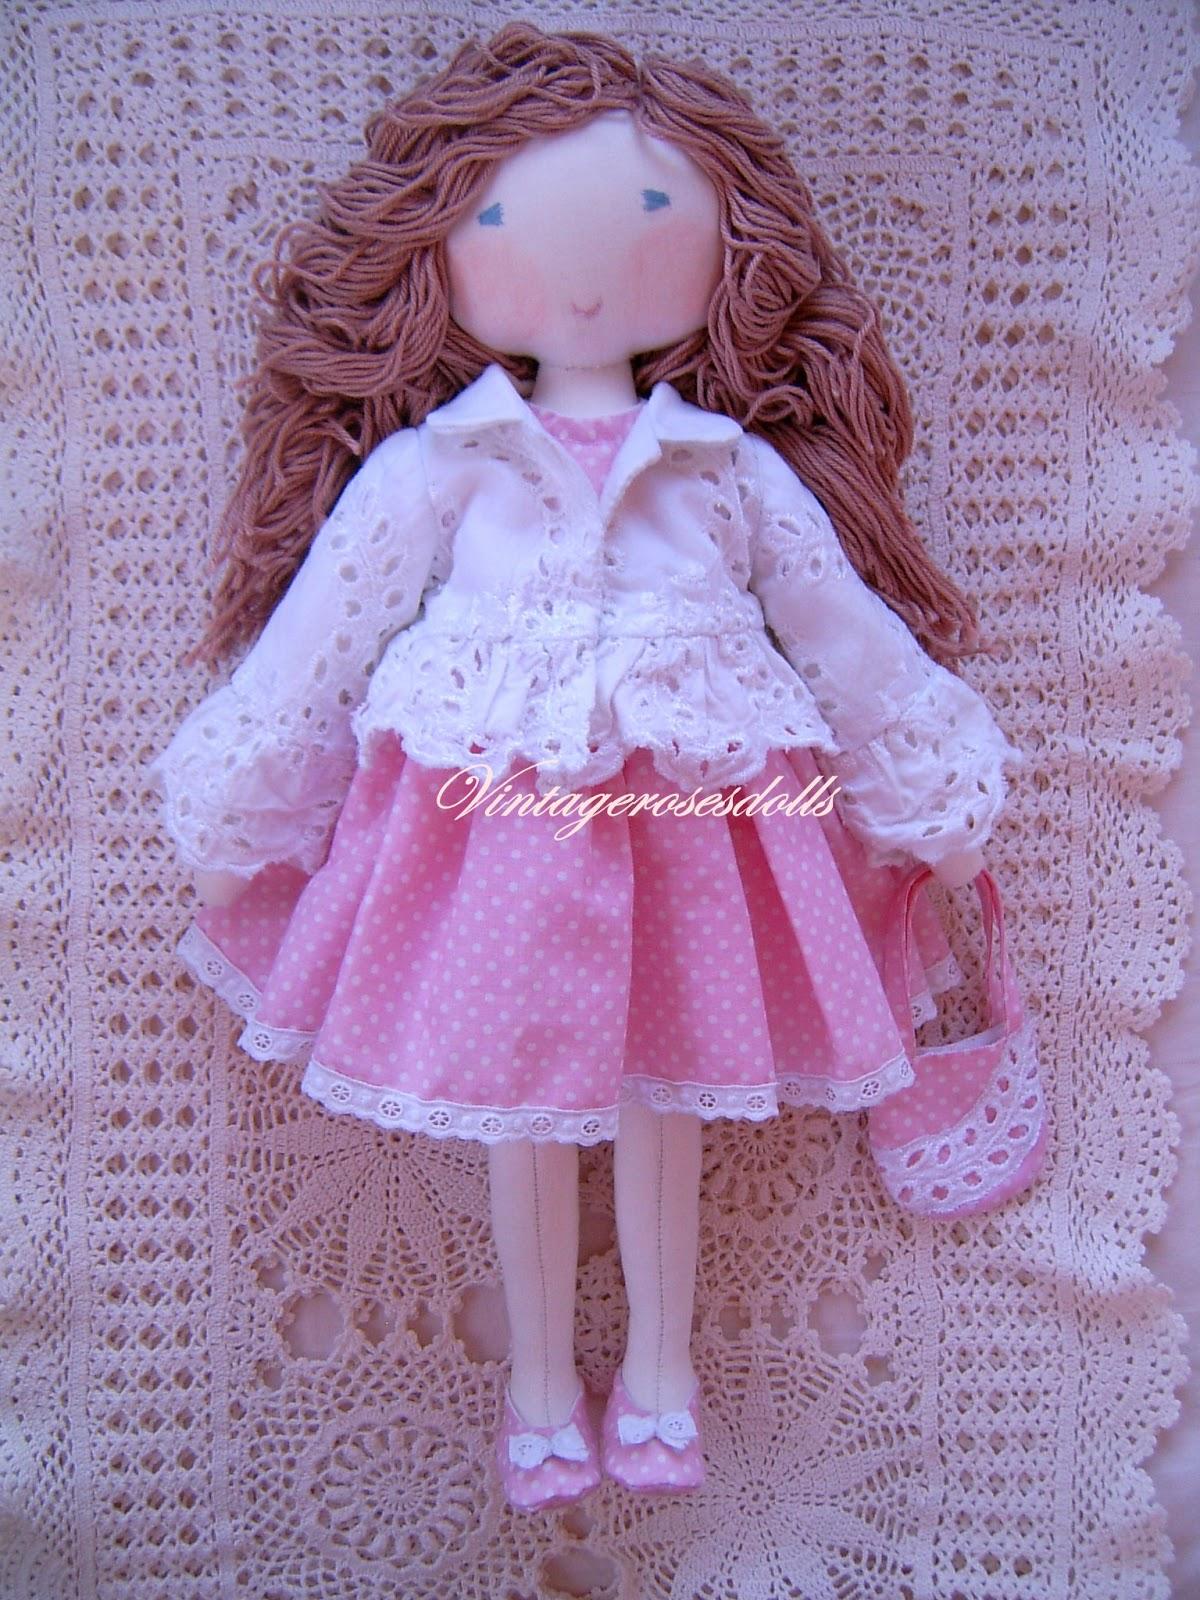 8505a3e7c8 Camille öltöztethető játékbaba 40 cm magas, puha játékbaba. Gyönyörű  hímzett nyári kiskabáttal, rózsaszín apró fehér pöttyös csipkével díszített  ruhában, ...